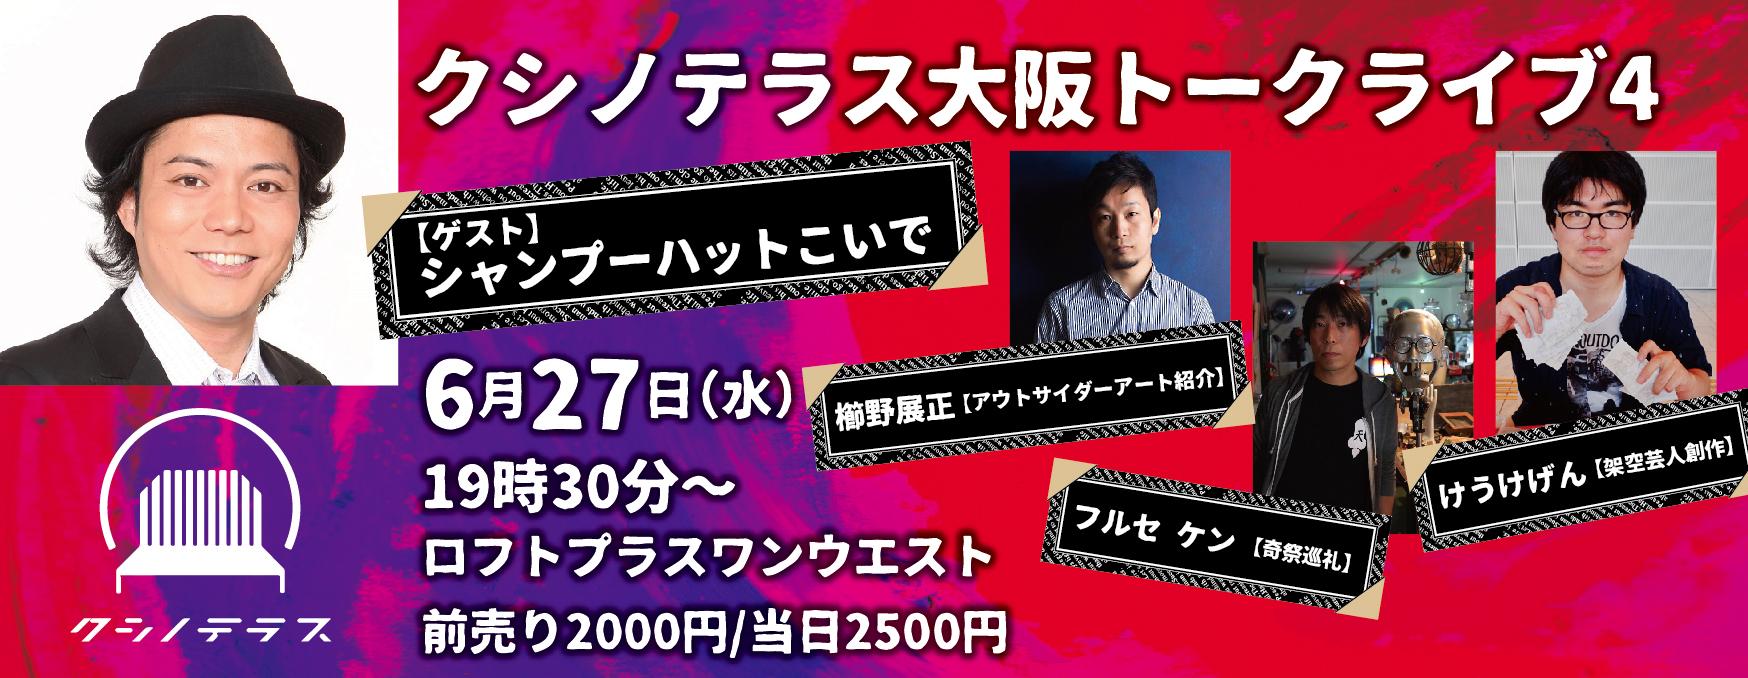 クシノテラス大阪トークライブ4